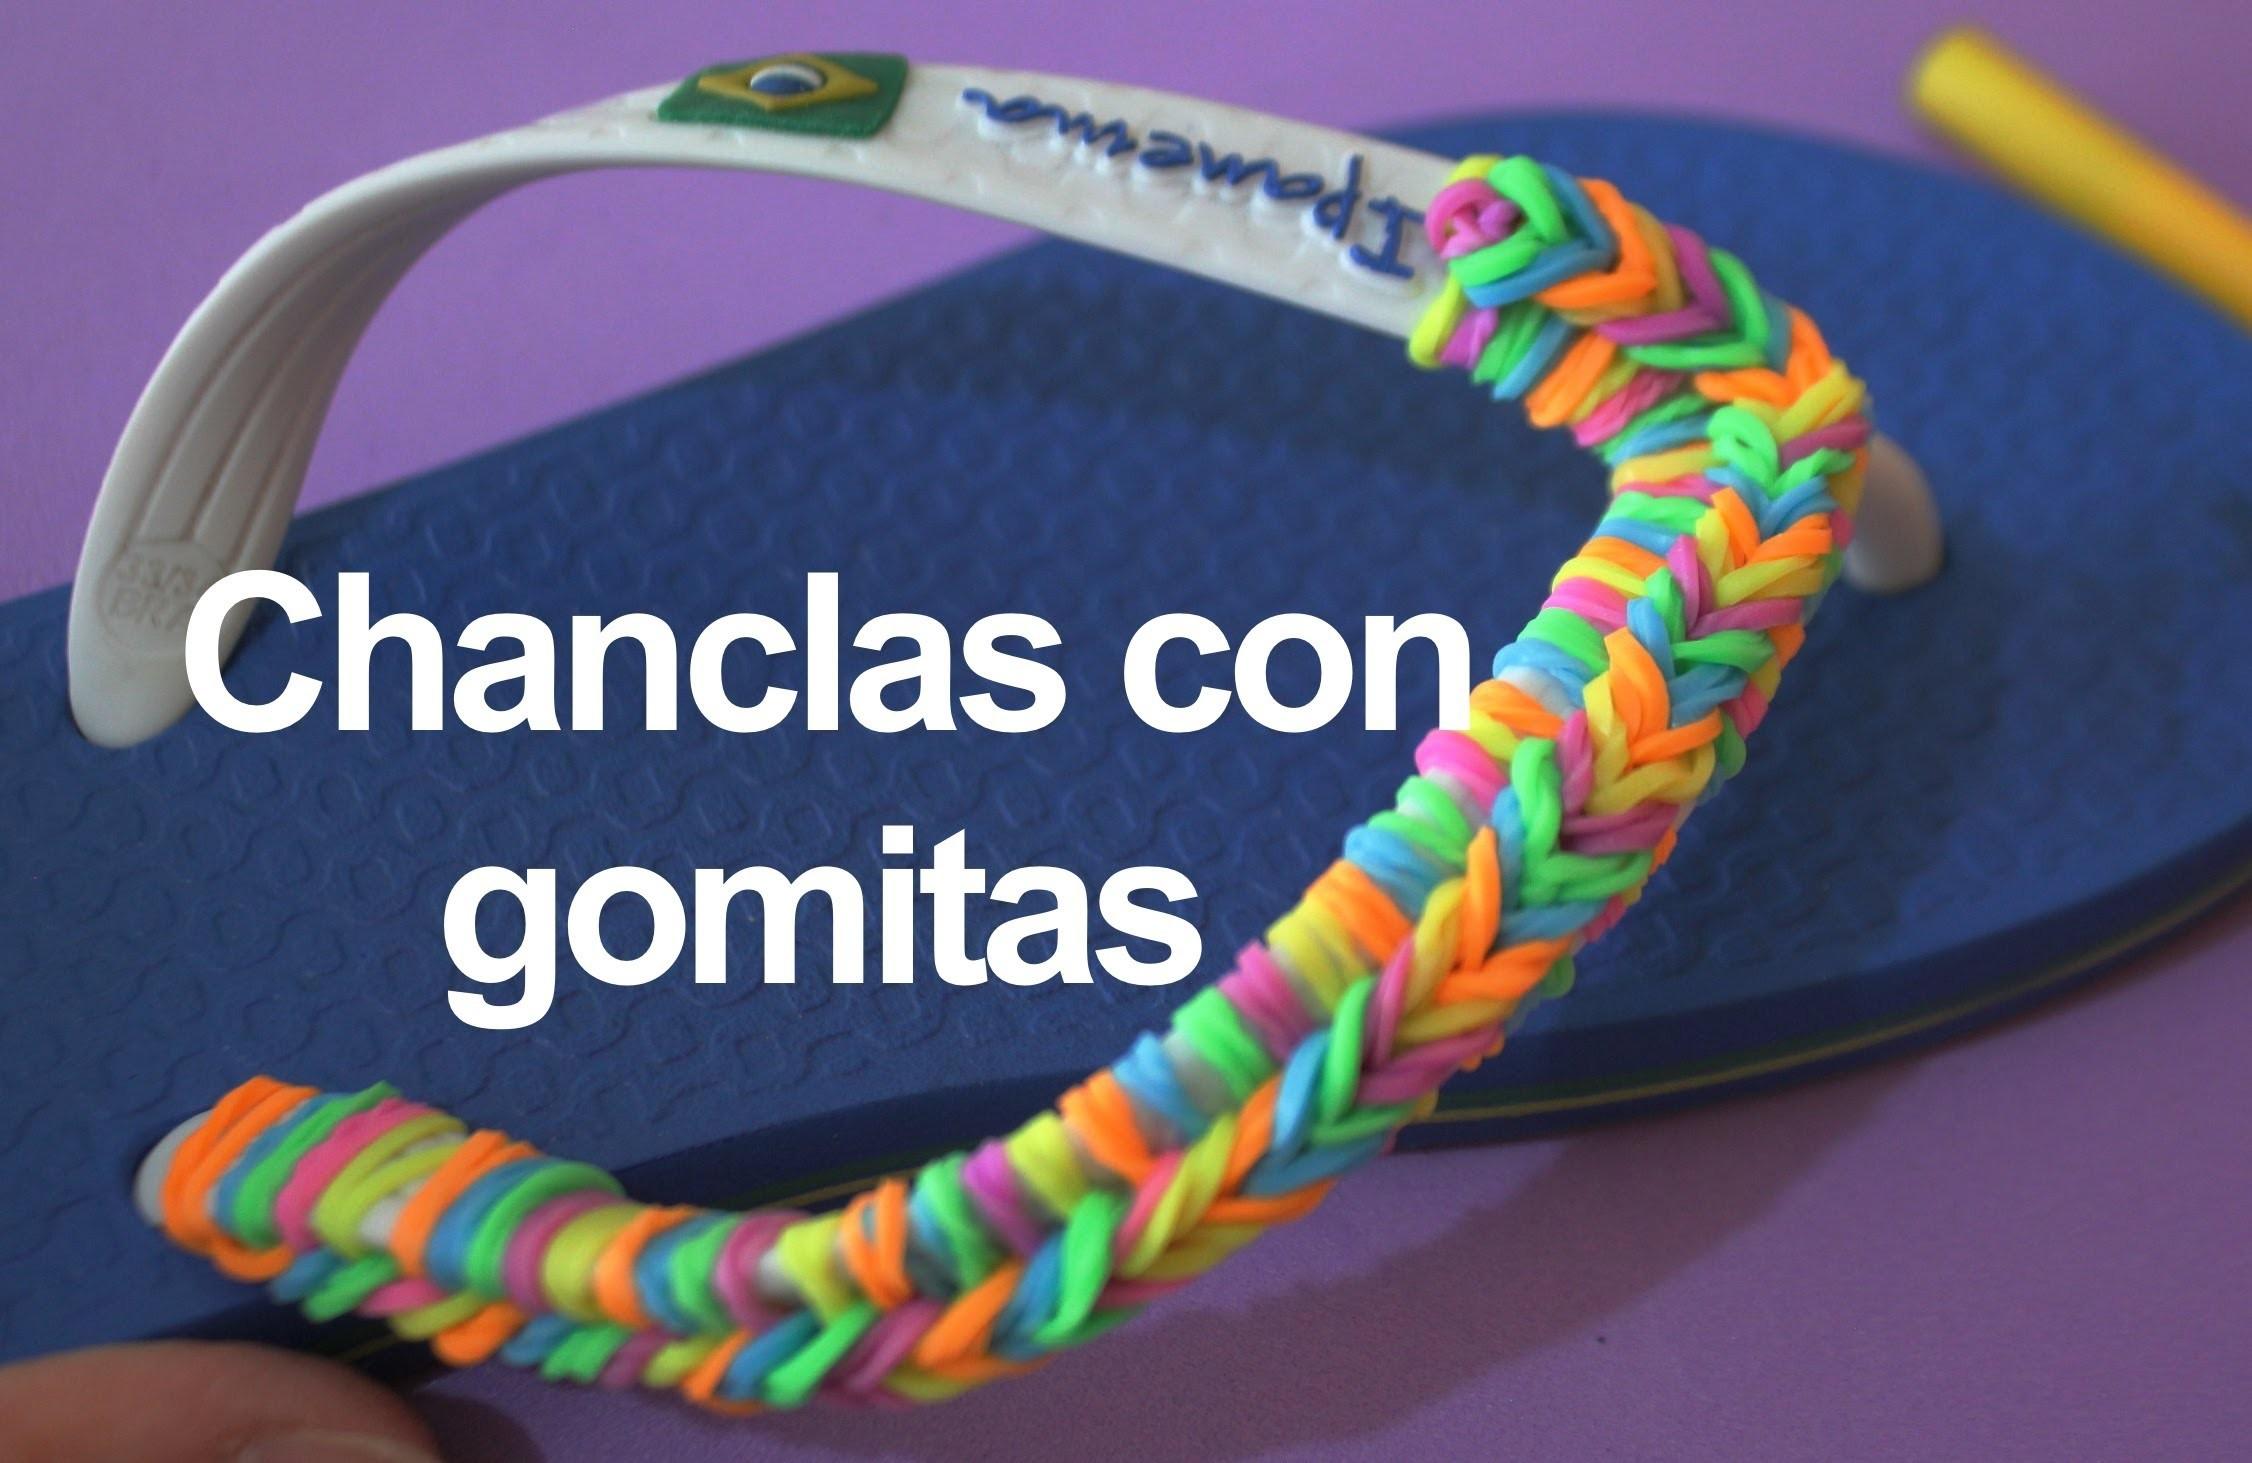 Pulsera de gomitas o ligas en chanclas. Flip flops rainbow Loom